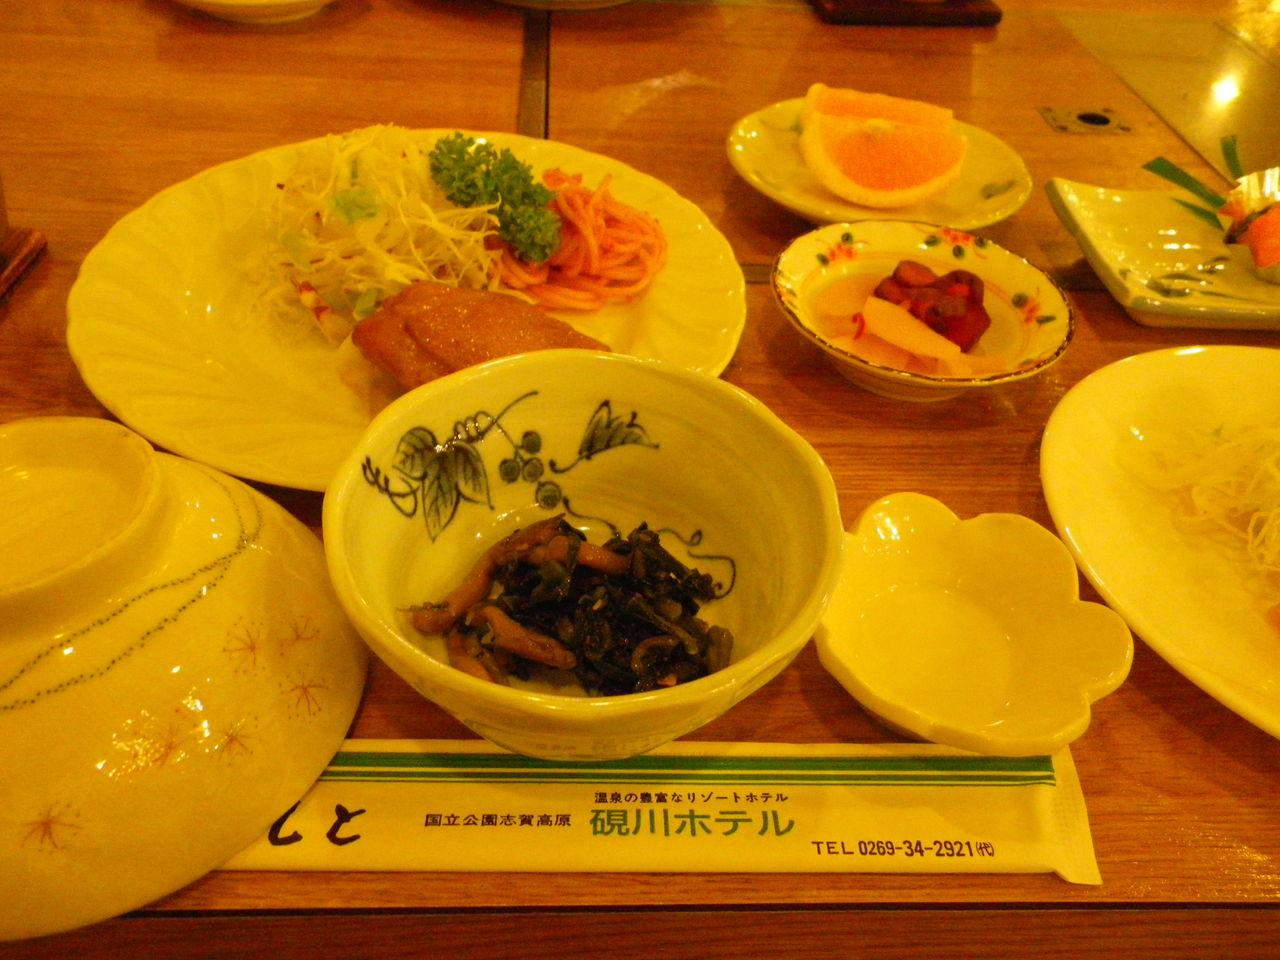 硯川ホテル name=